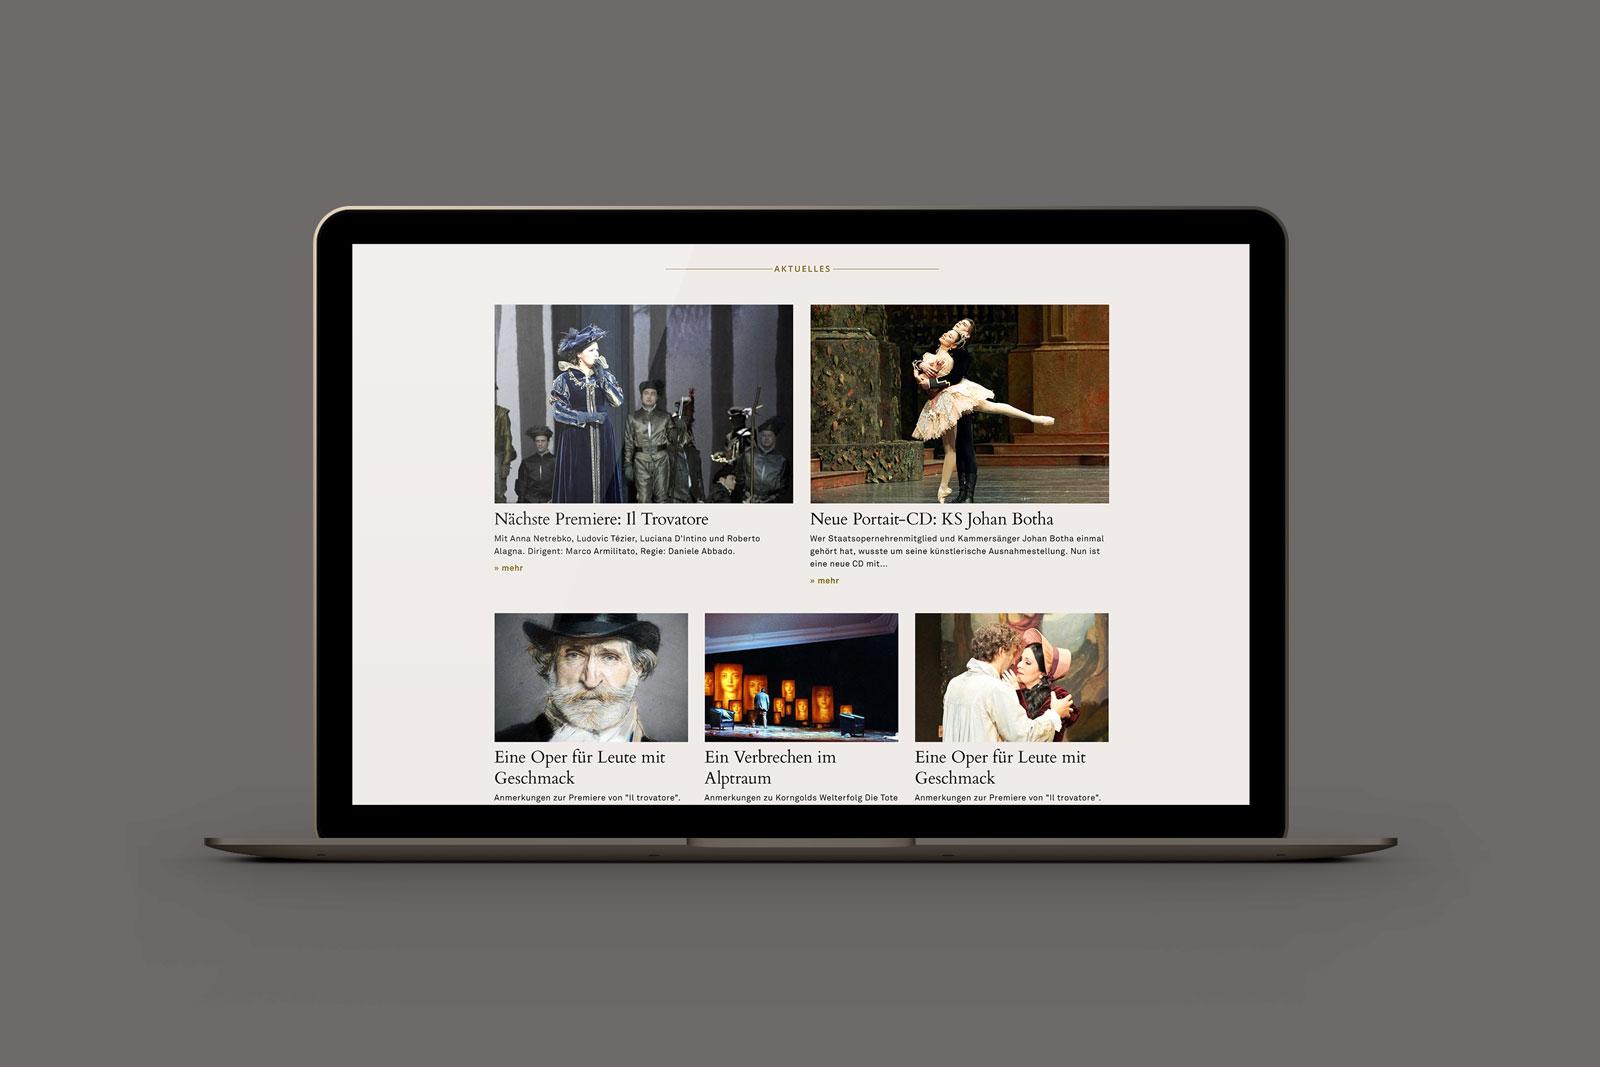 Staatsoper Wien Macbook 02